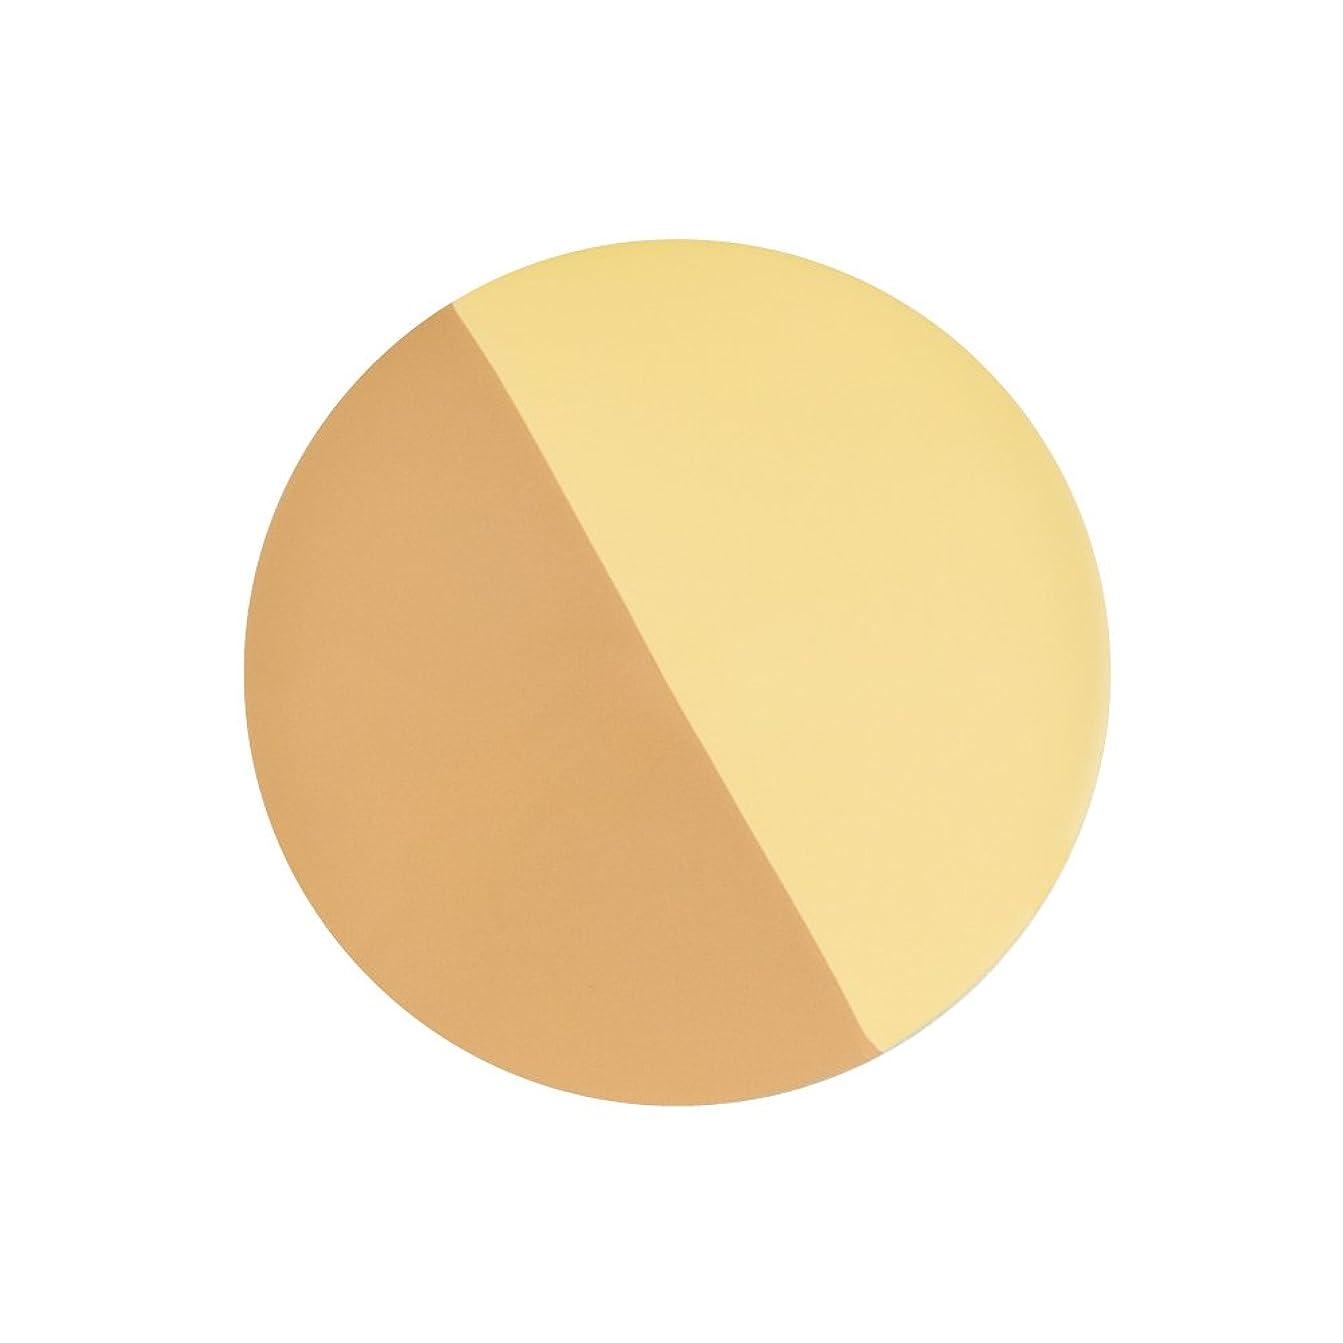 乳剤急性シニスかづきれいこ UVパーフェクトファンデーション イエローベージュ<1>(リフィル)